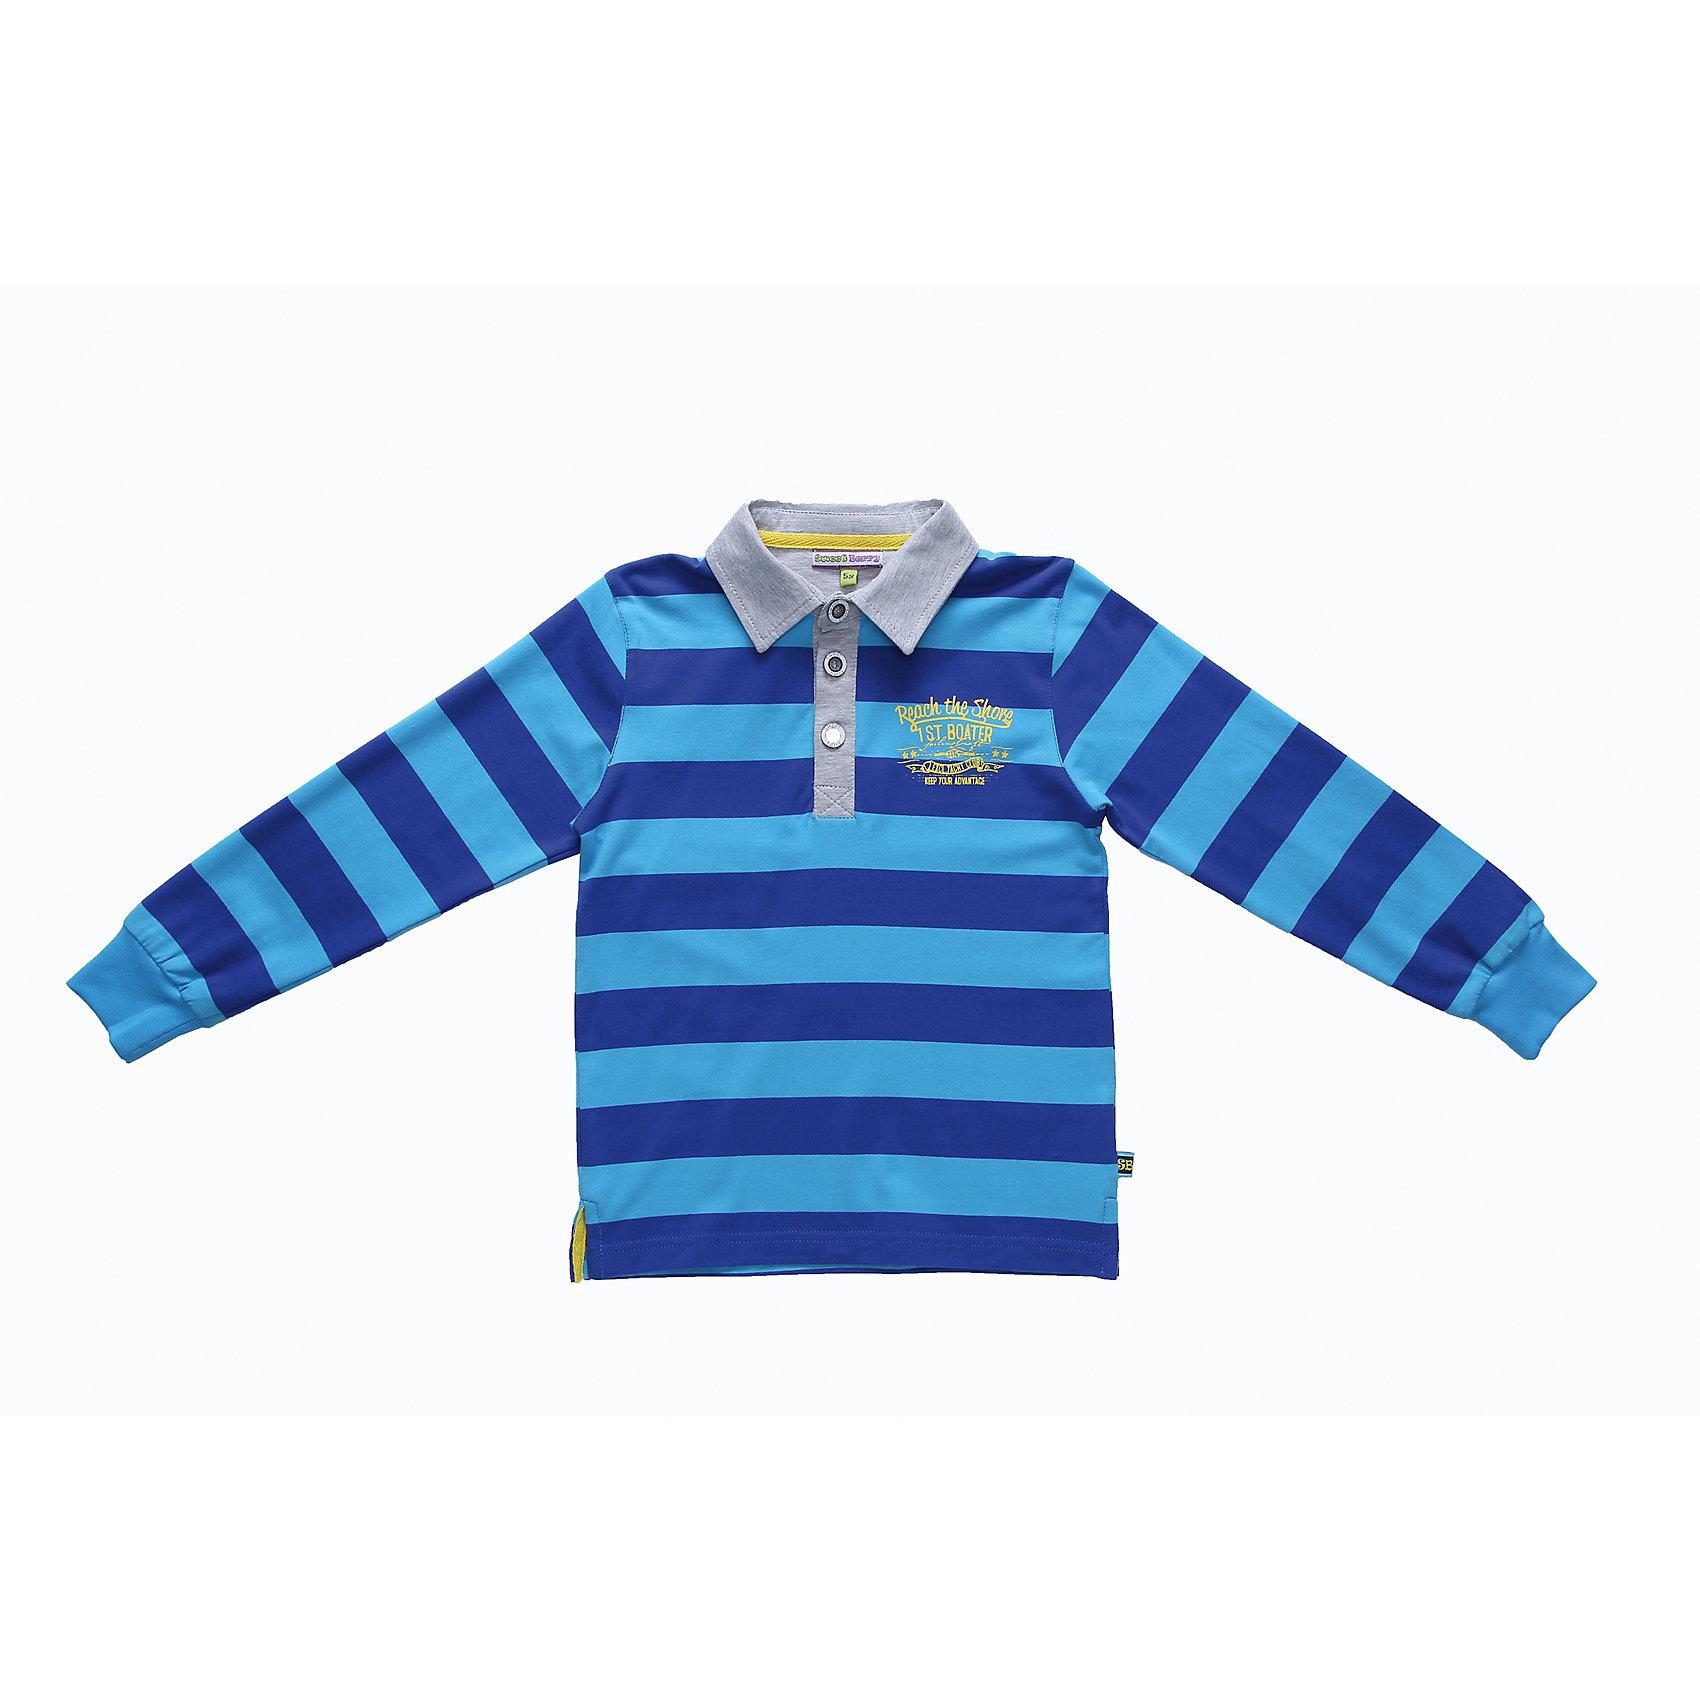 Sweet Berry Футболка-поло с длинным рукавом для мальчика Sweet Berry футболка с длинным рукавом для мальчика barkito трактор красная